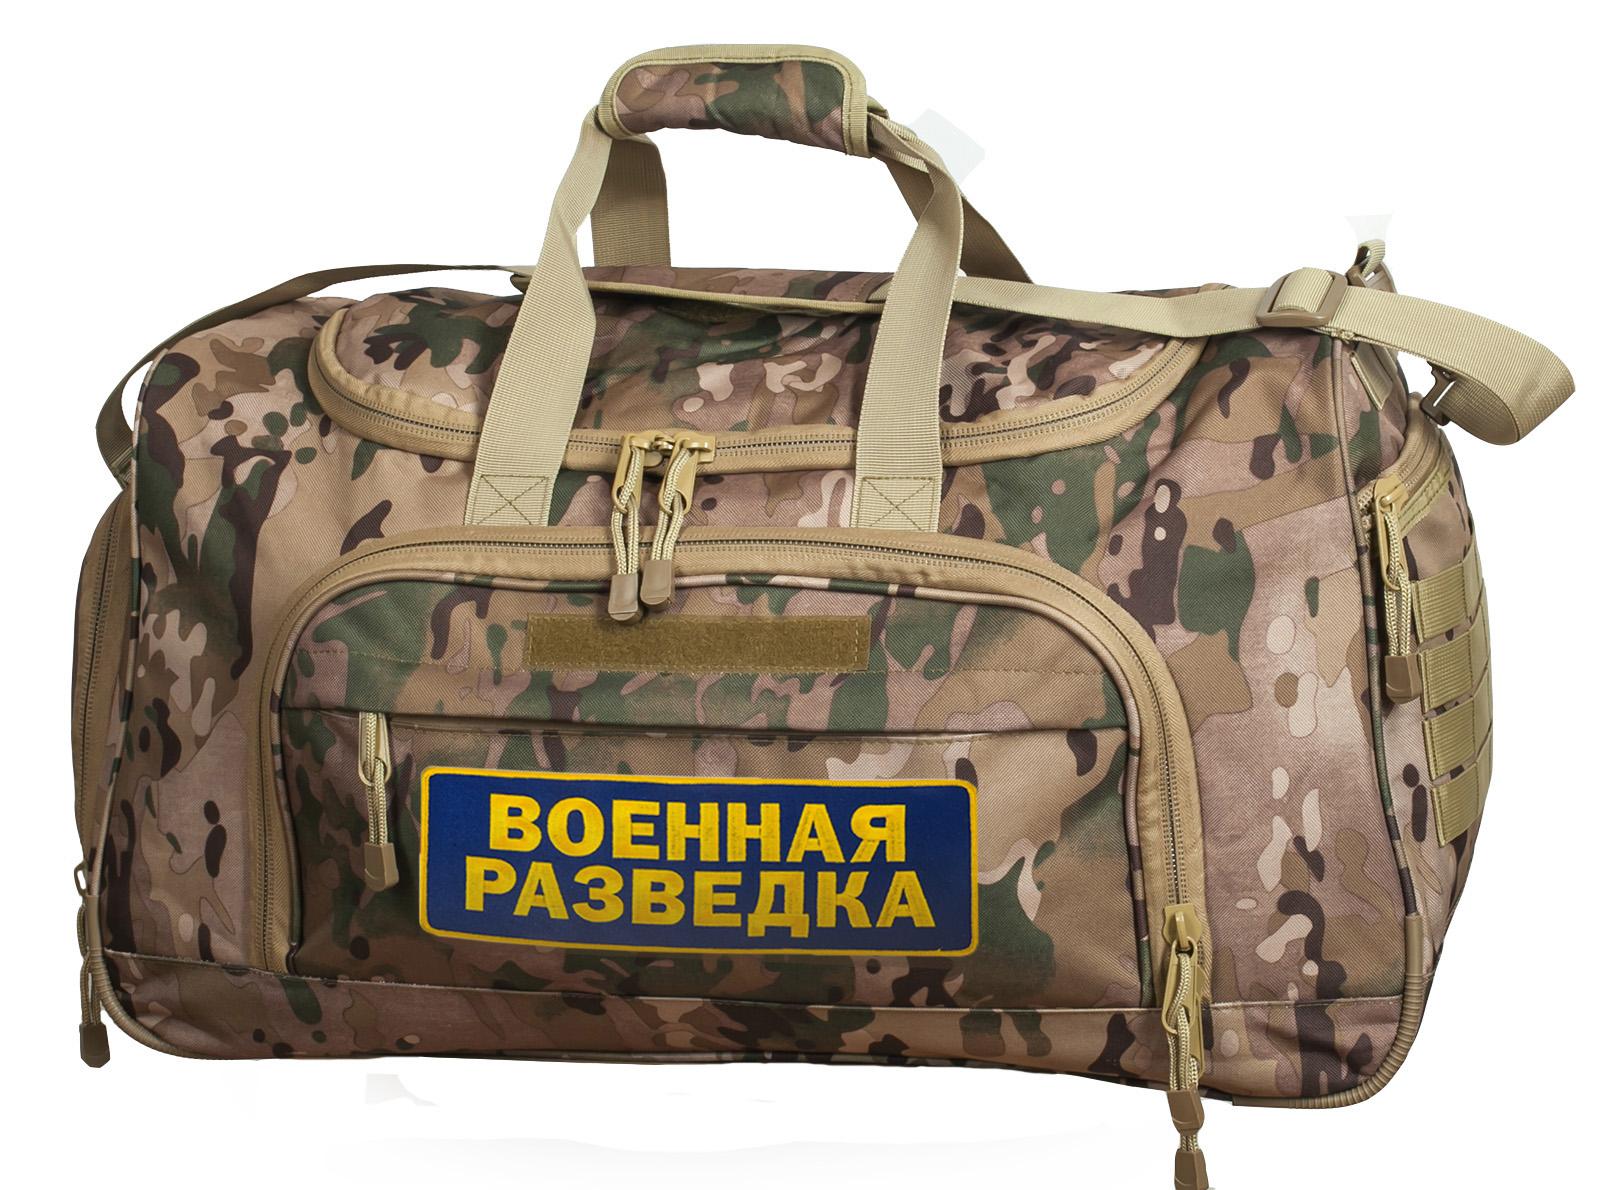 Самая мужская снаряга! Дорожная камуфляжная сумка Военной разведки